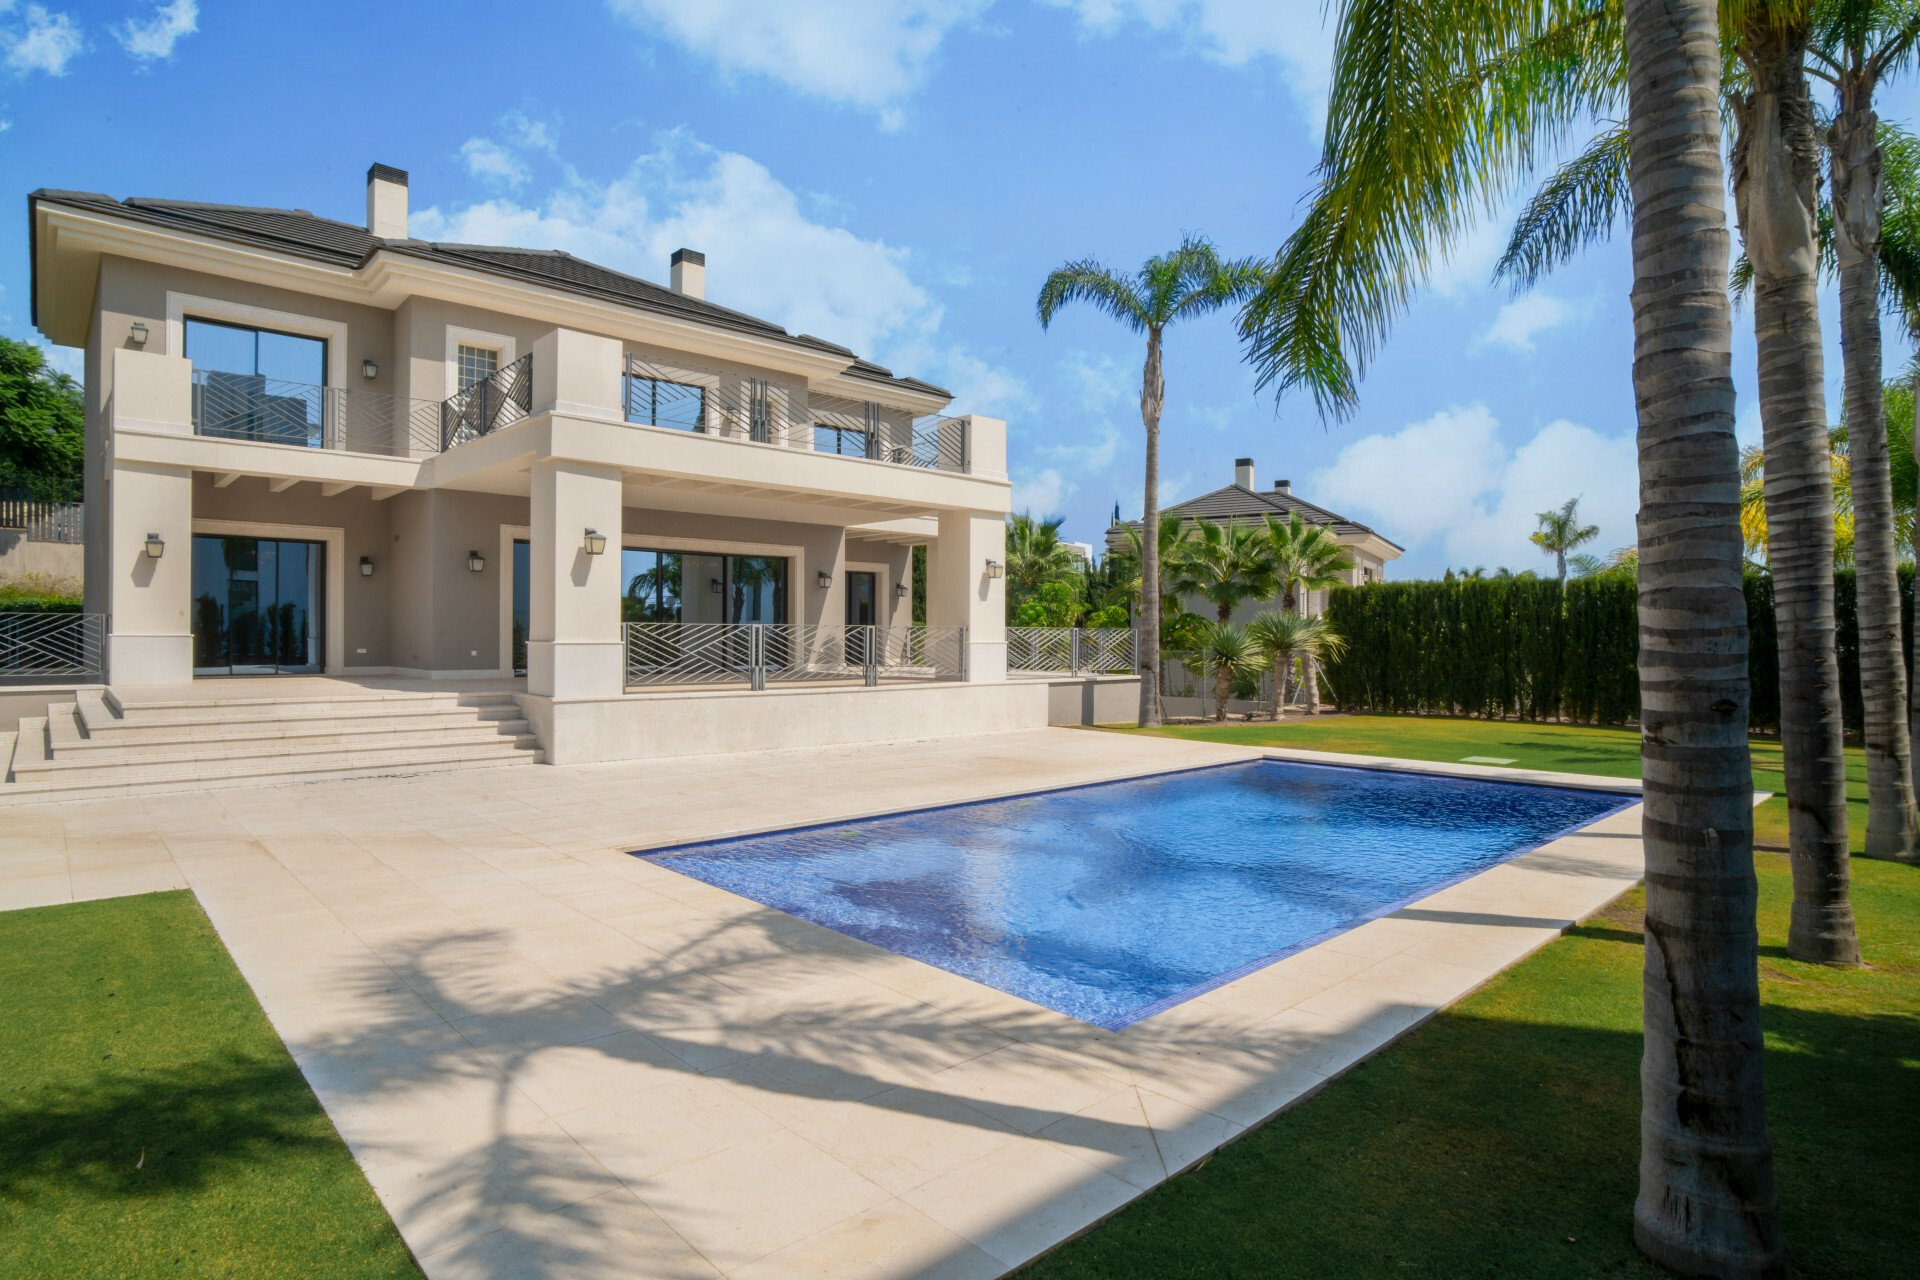 Villa in Marbella, Andalusia, Spain 1 - 11663498